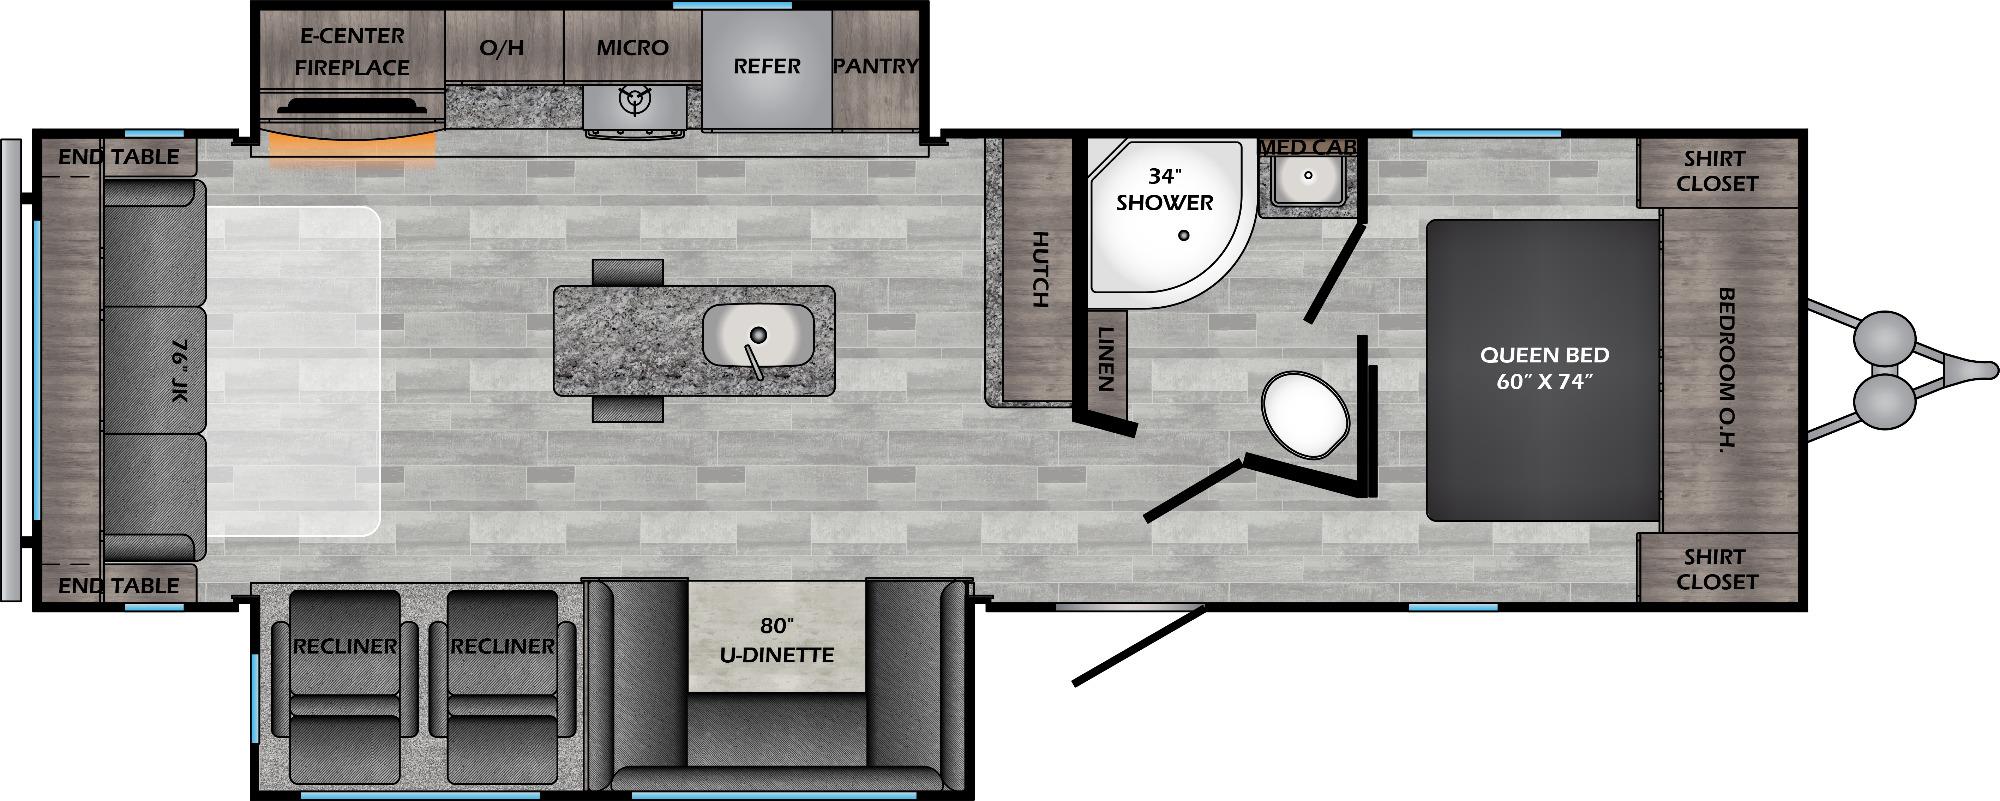 View Floor Plan for 2021 CROSSROADS ZINGER 292RE